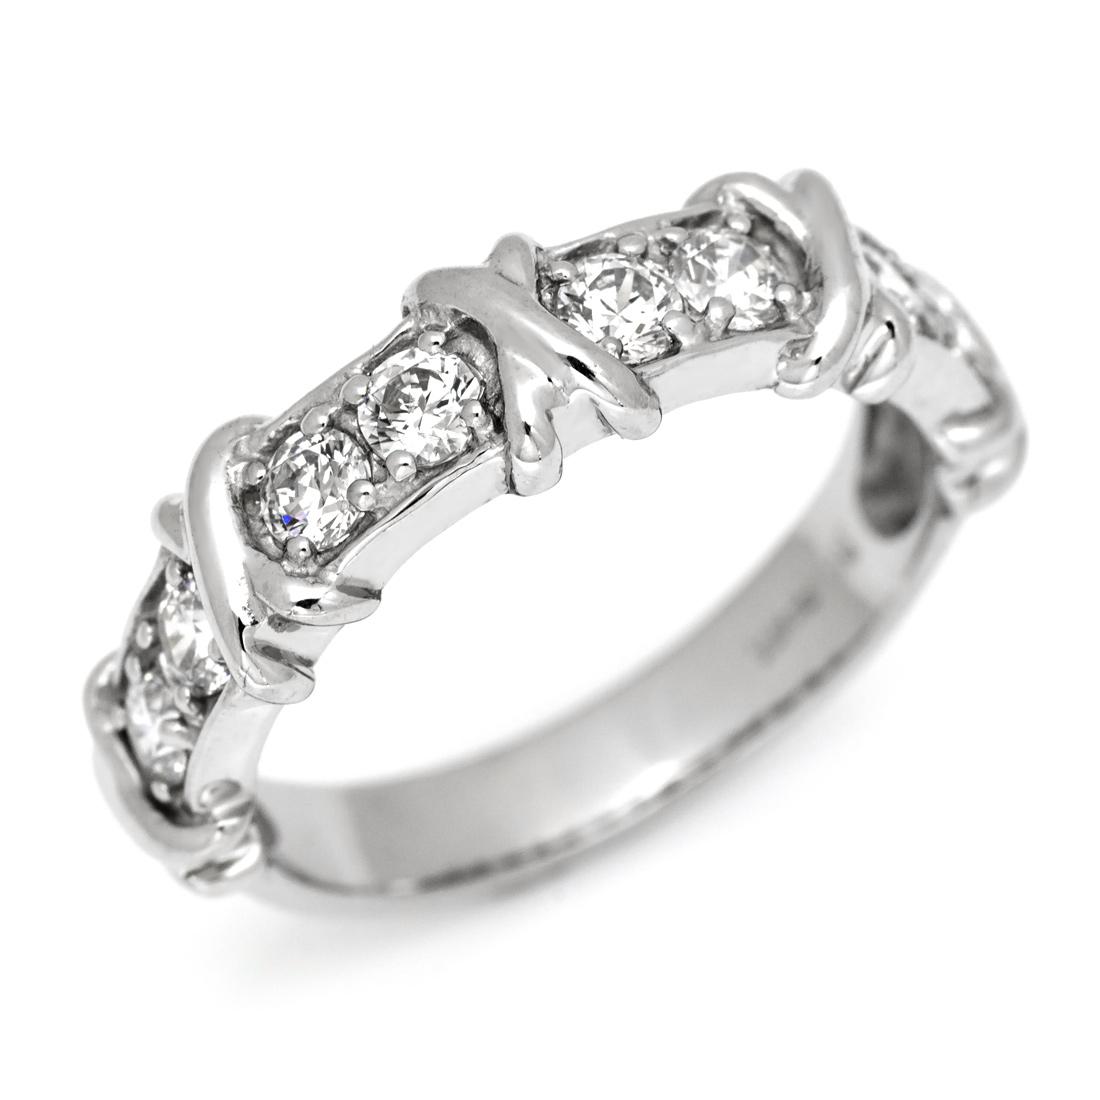 【GWクーポン配布中】リング ダイヤモンド 0.45カラット プラチナ900 送料無料